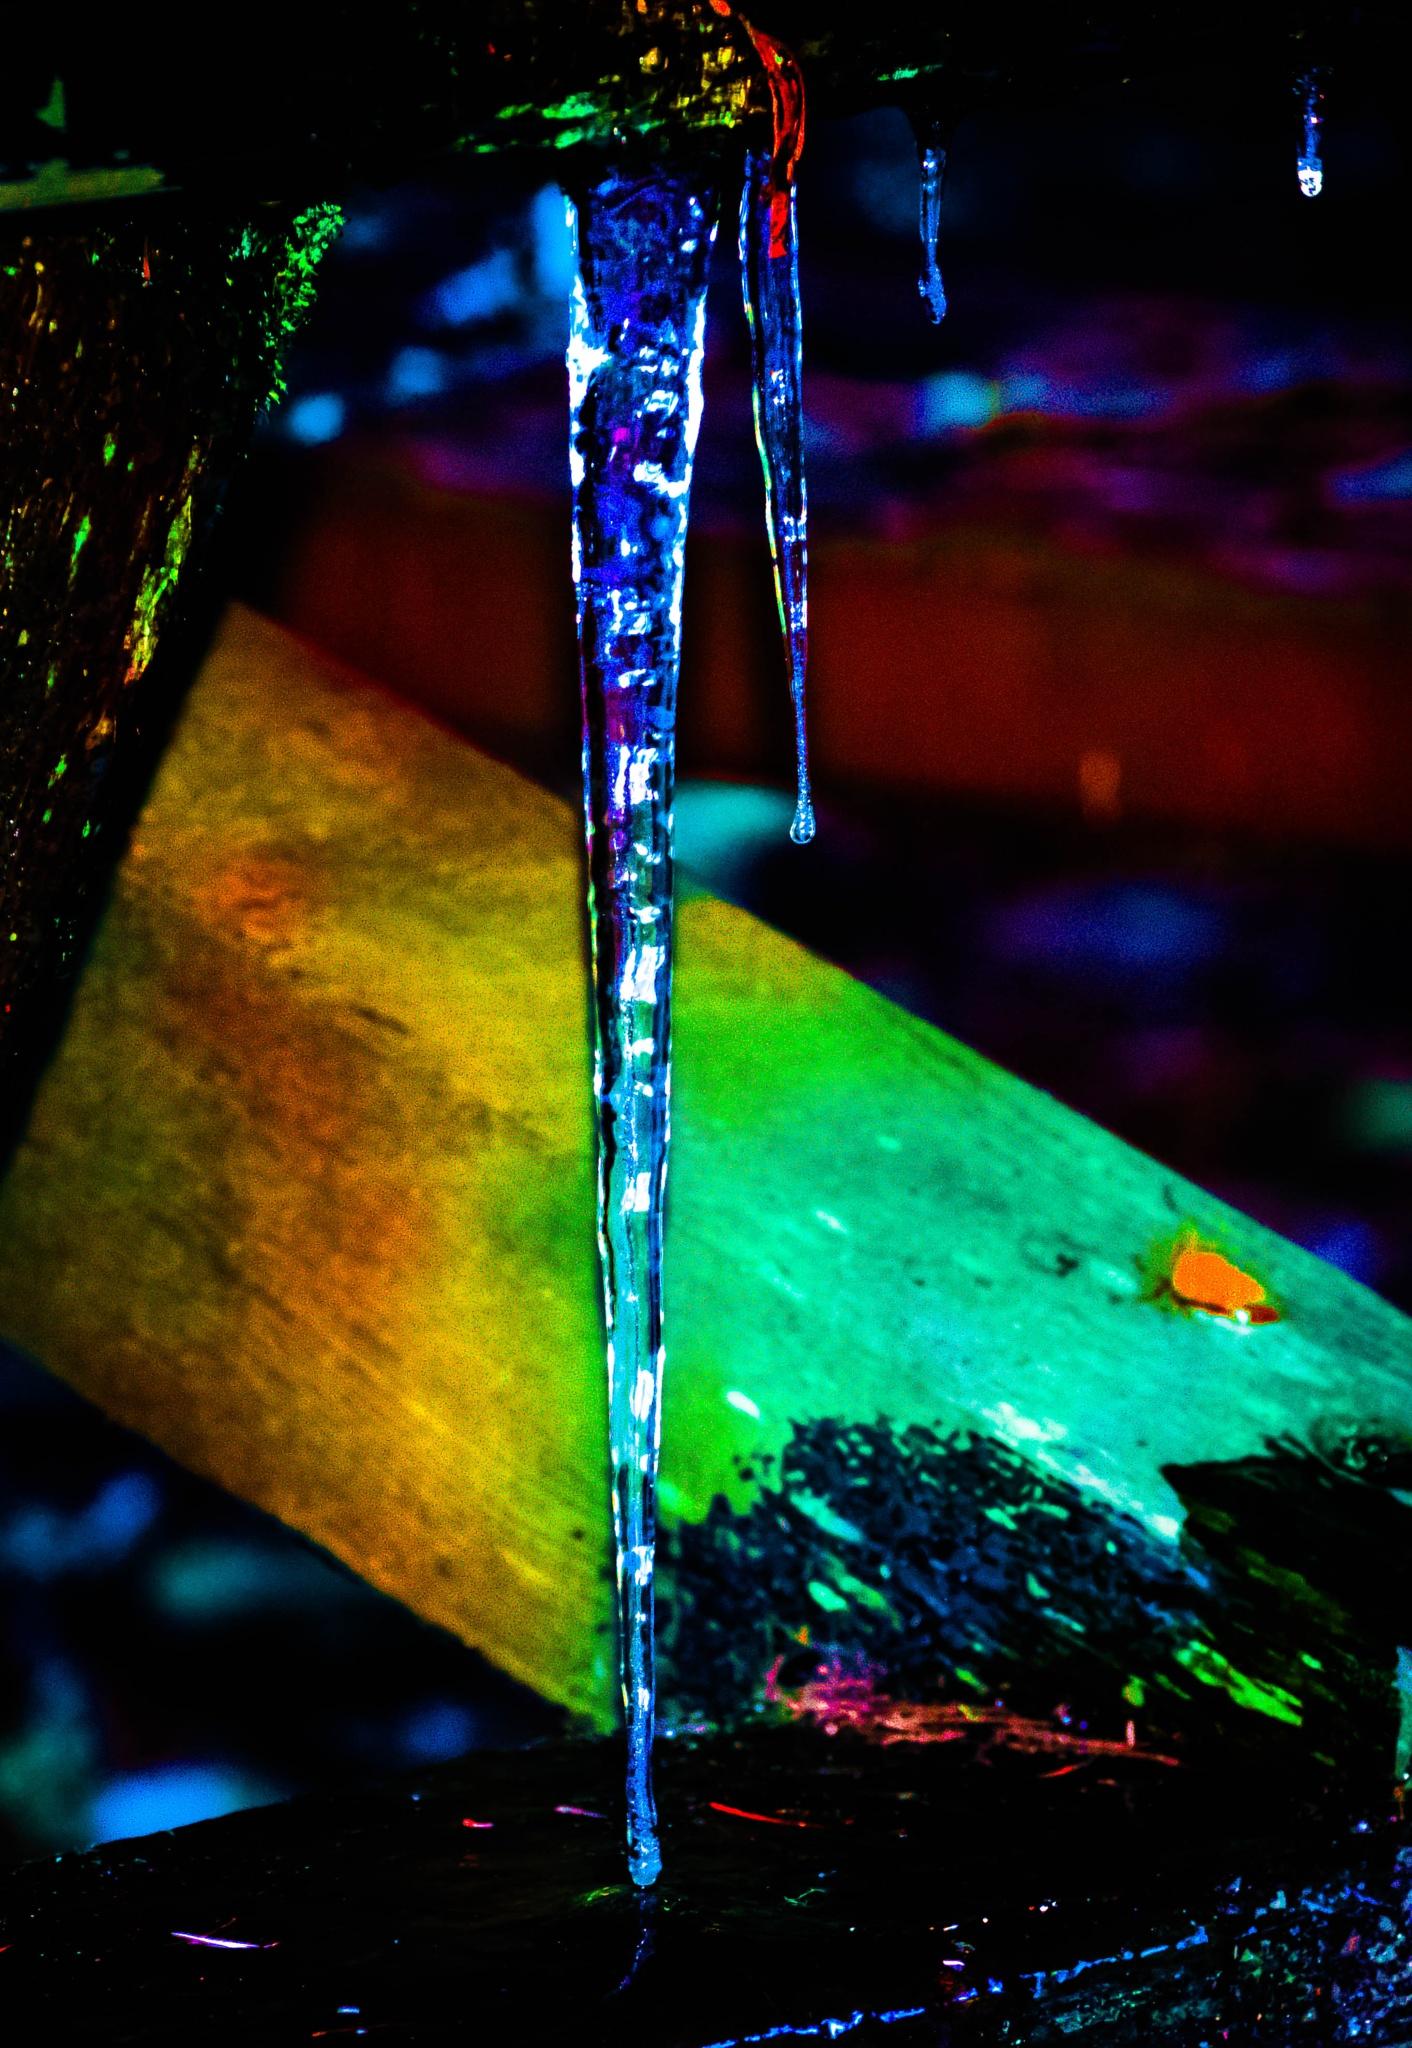 ice crystal by Gillianne Fields